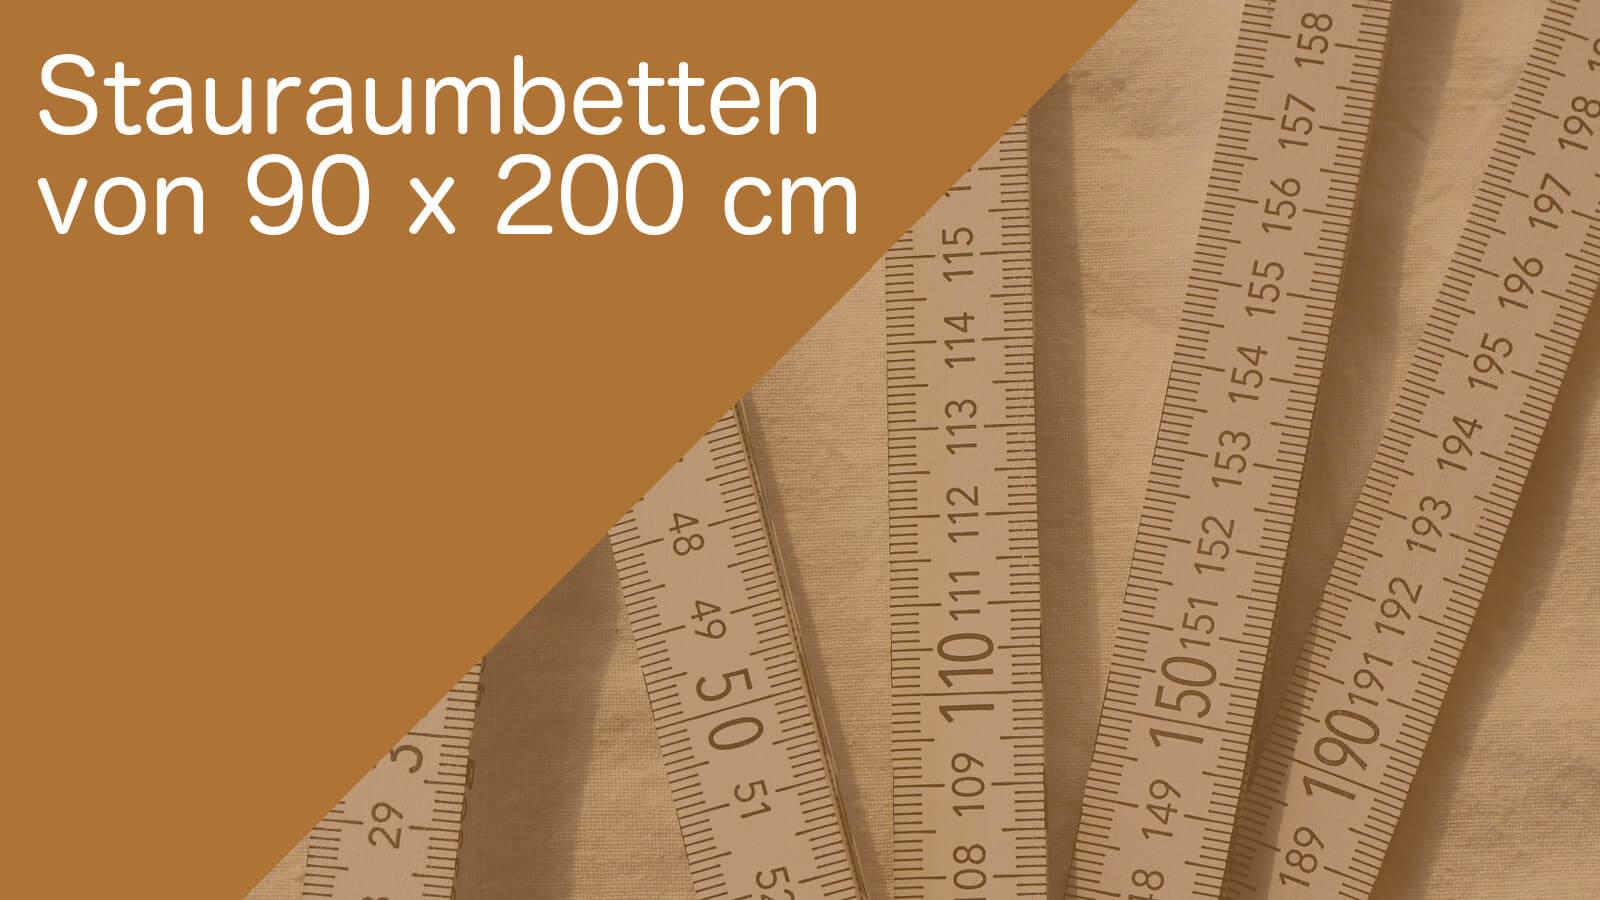 staurambetten_90x200